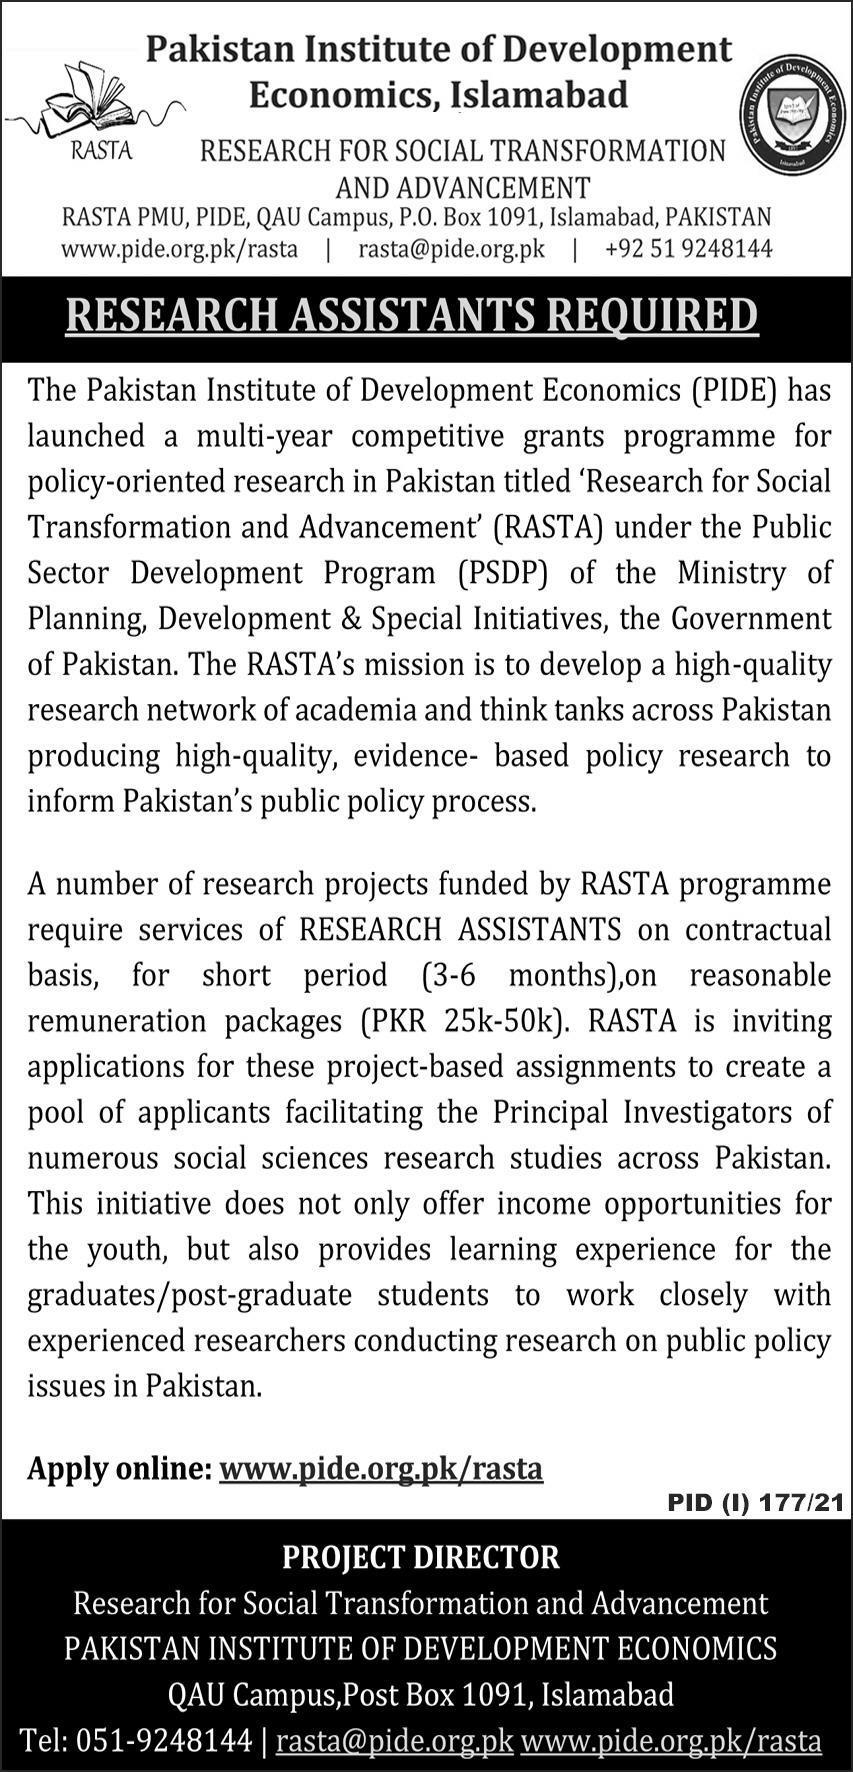 www.pide.org.pk Jobs 2021 - Pakistan Institute of Development Economics (PIDE) Jobs 2021 in Pakistan